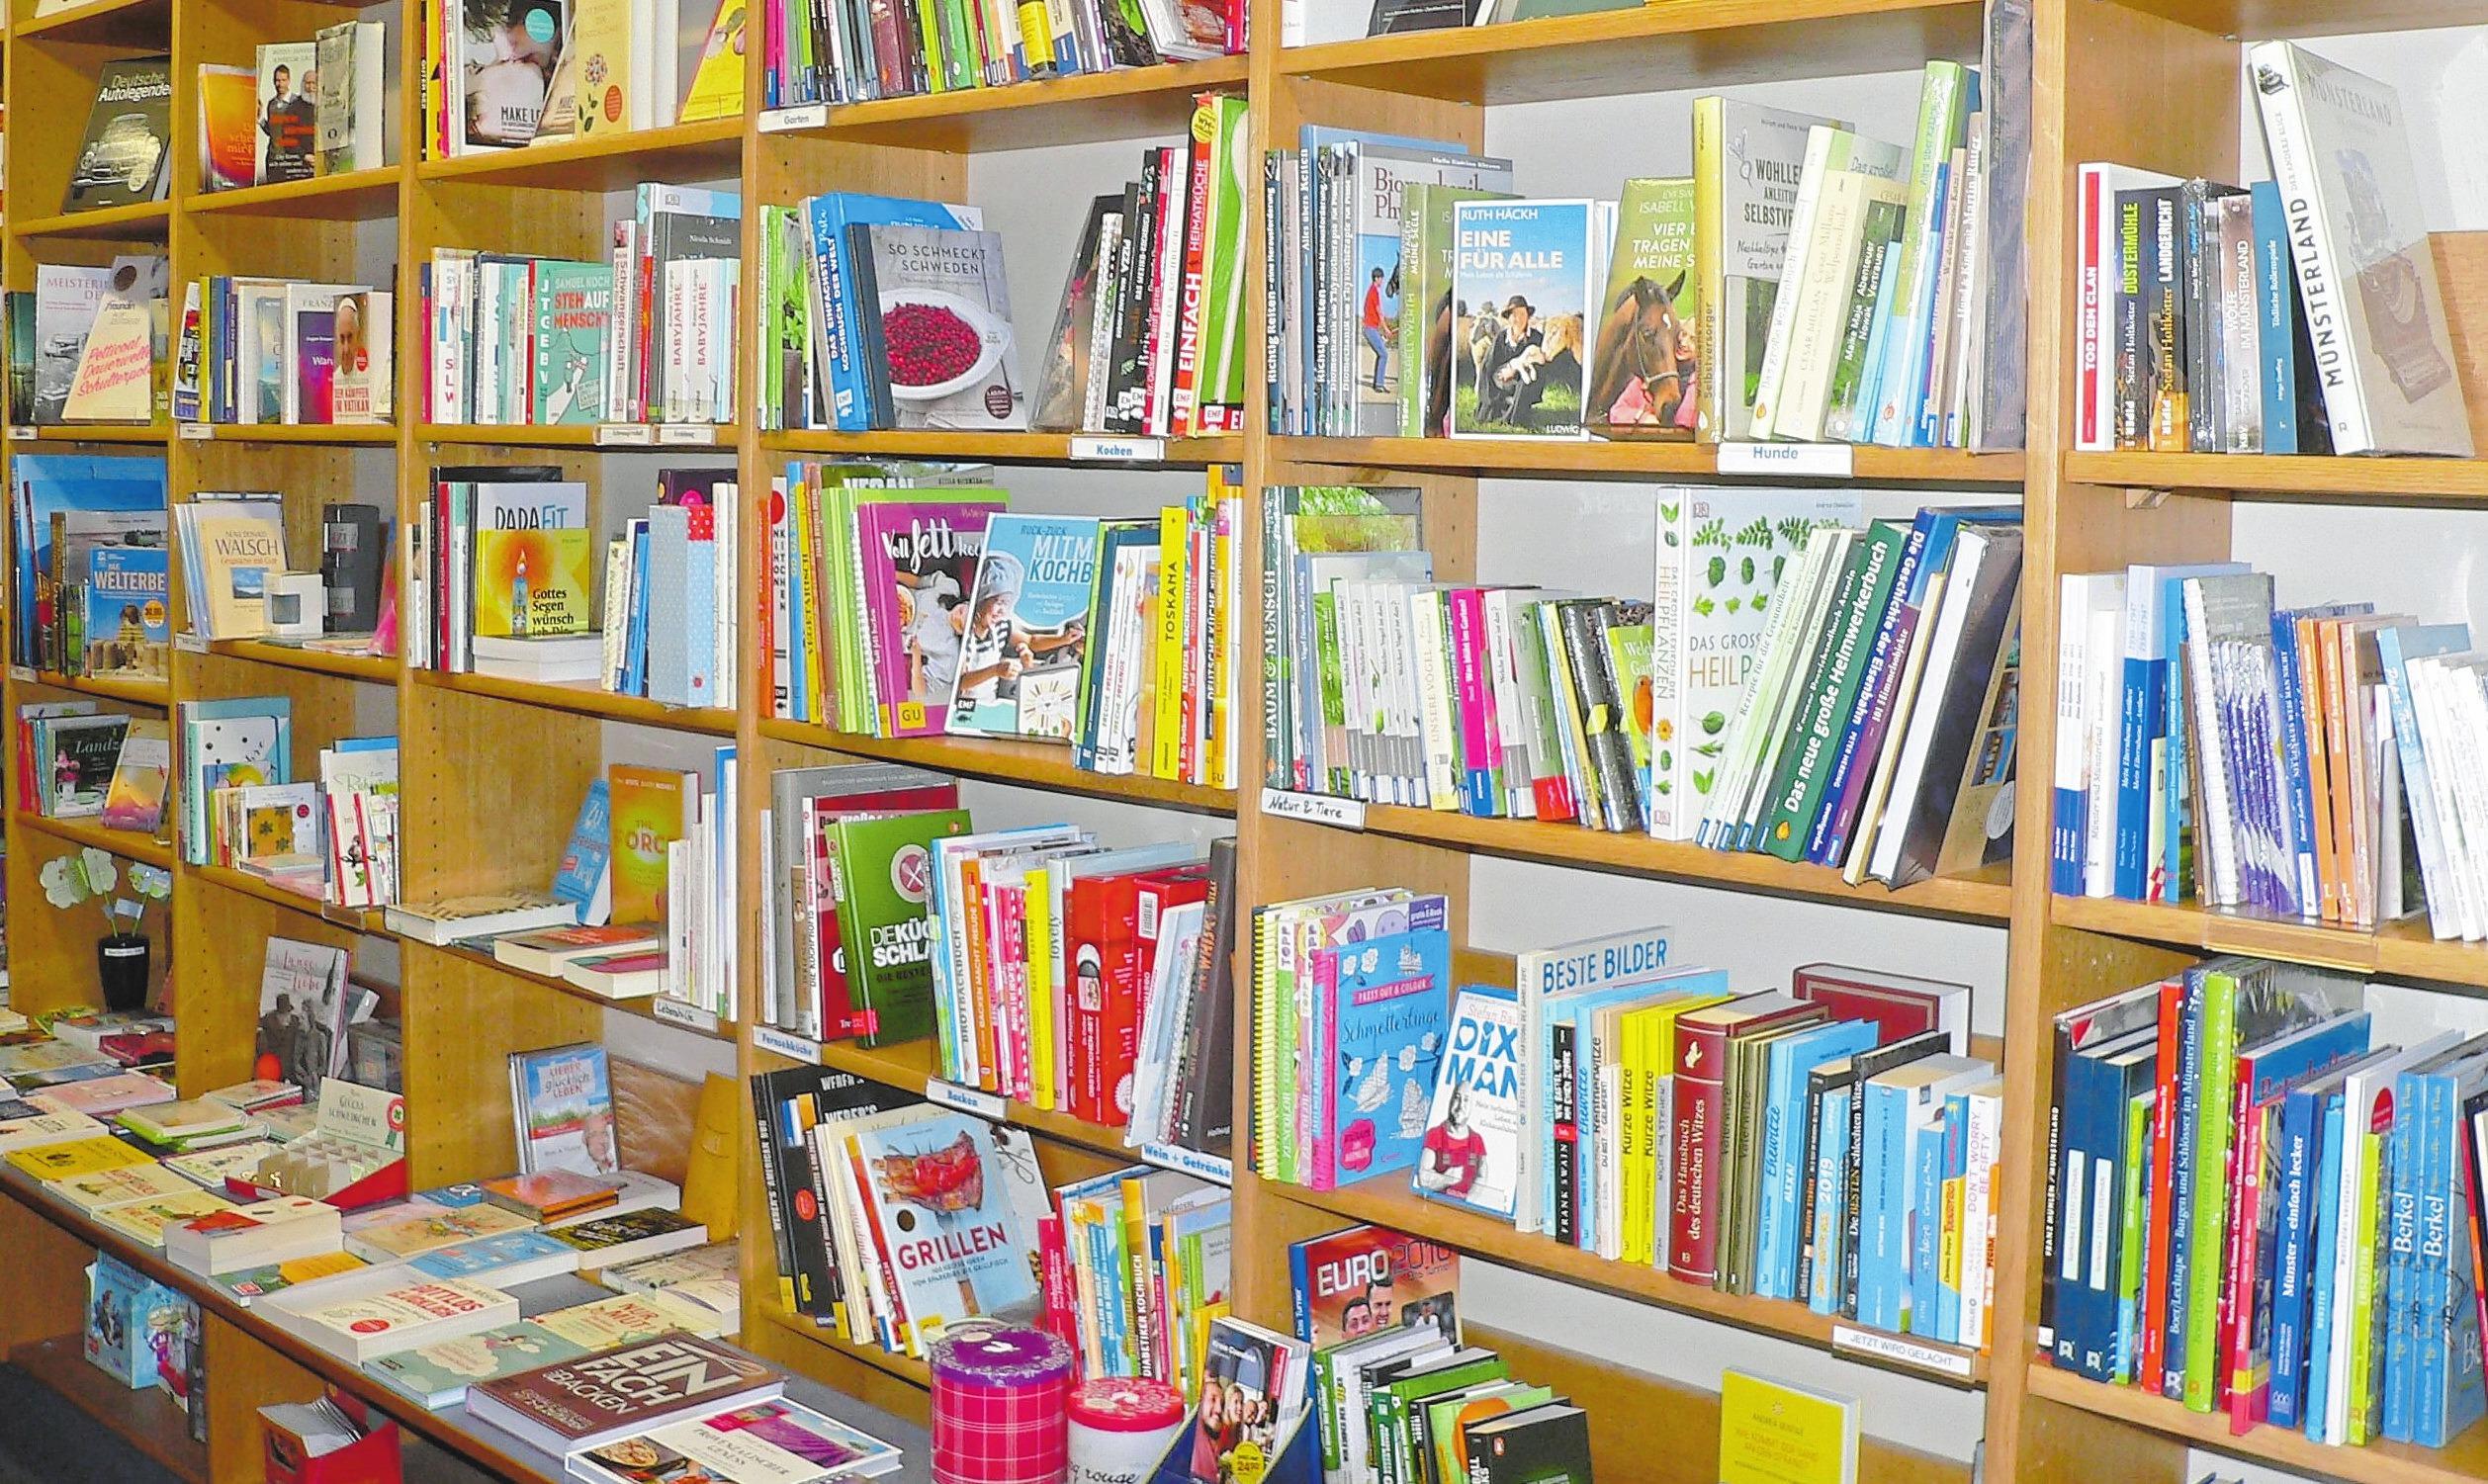 Eine breite Auswahl an Büchern steht in der Filiale bereit. Nach dem Umbau werden diese sich in neuer Umgebung präsentieren.